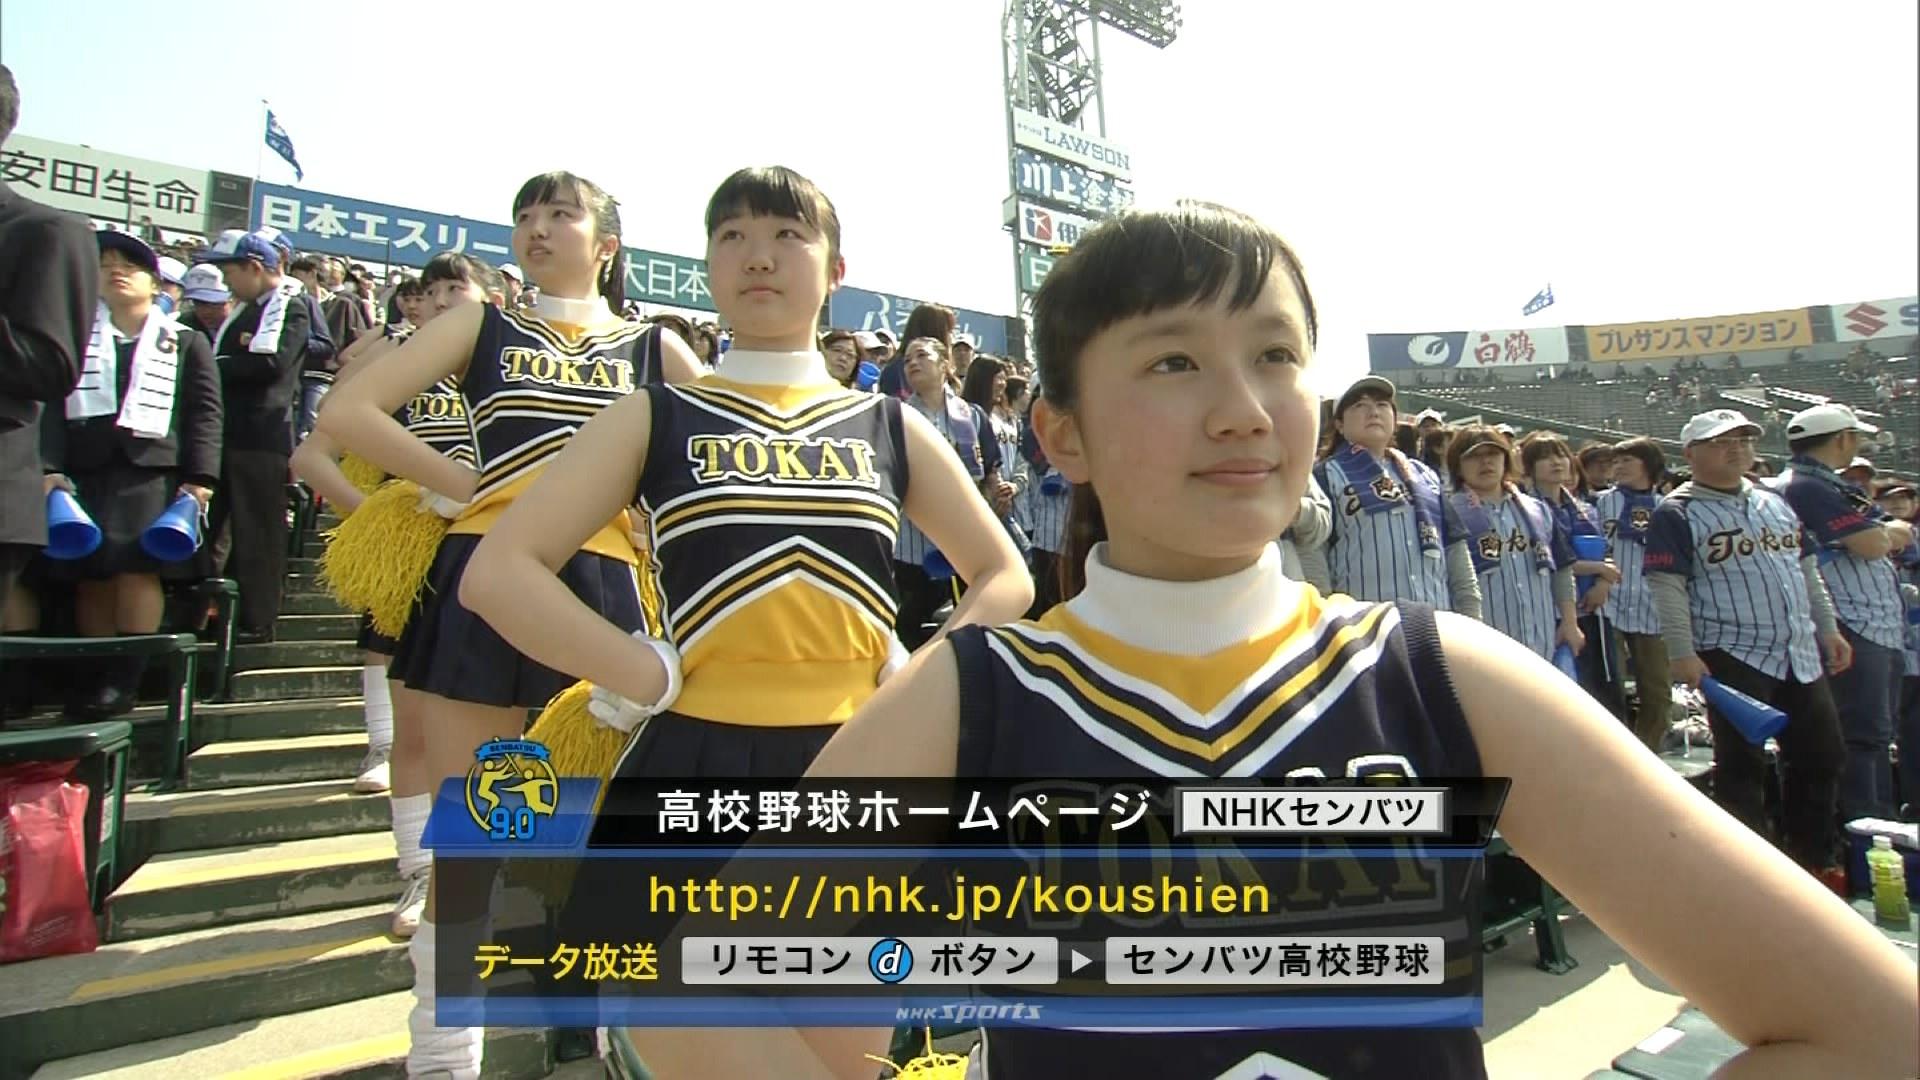 2018年JKによる春の高校選抜チアリーダーwwwwwwwww 93jo05F